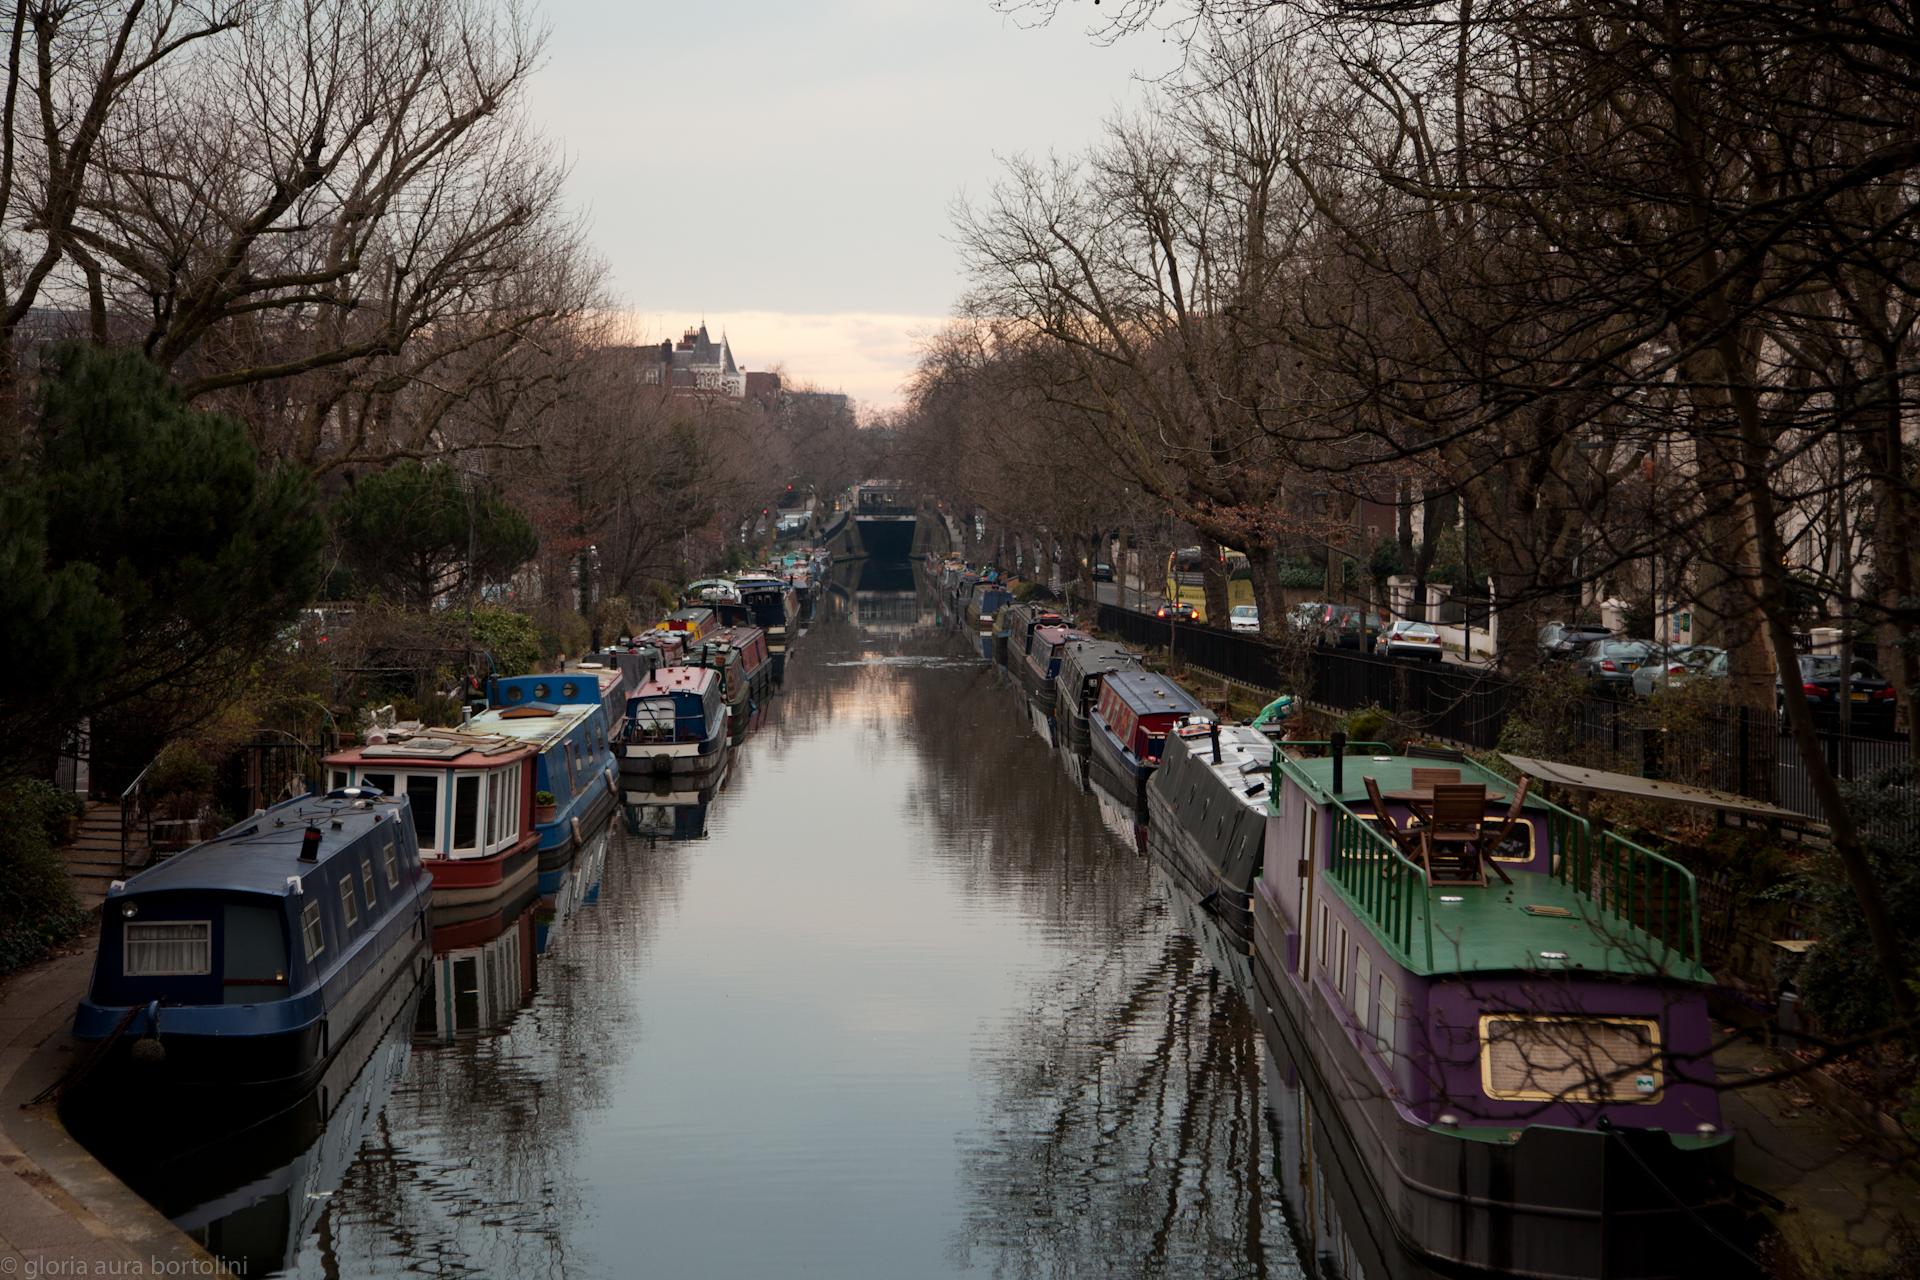 canale-di-regent